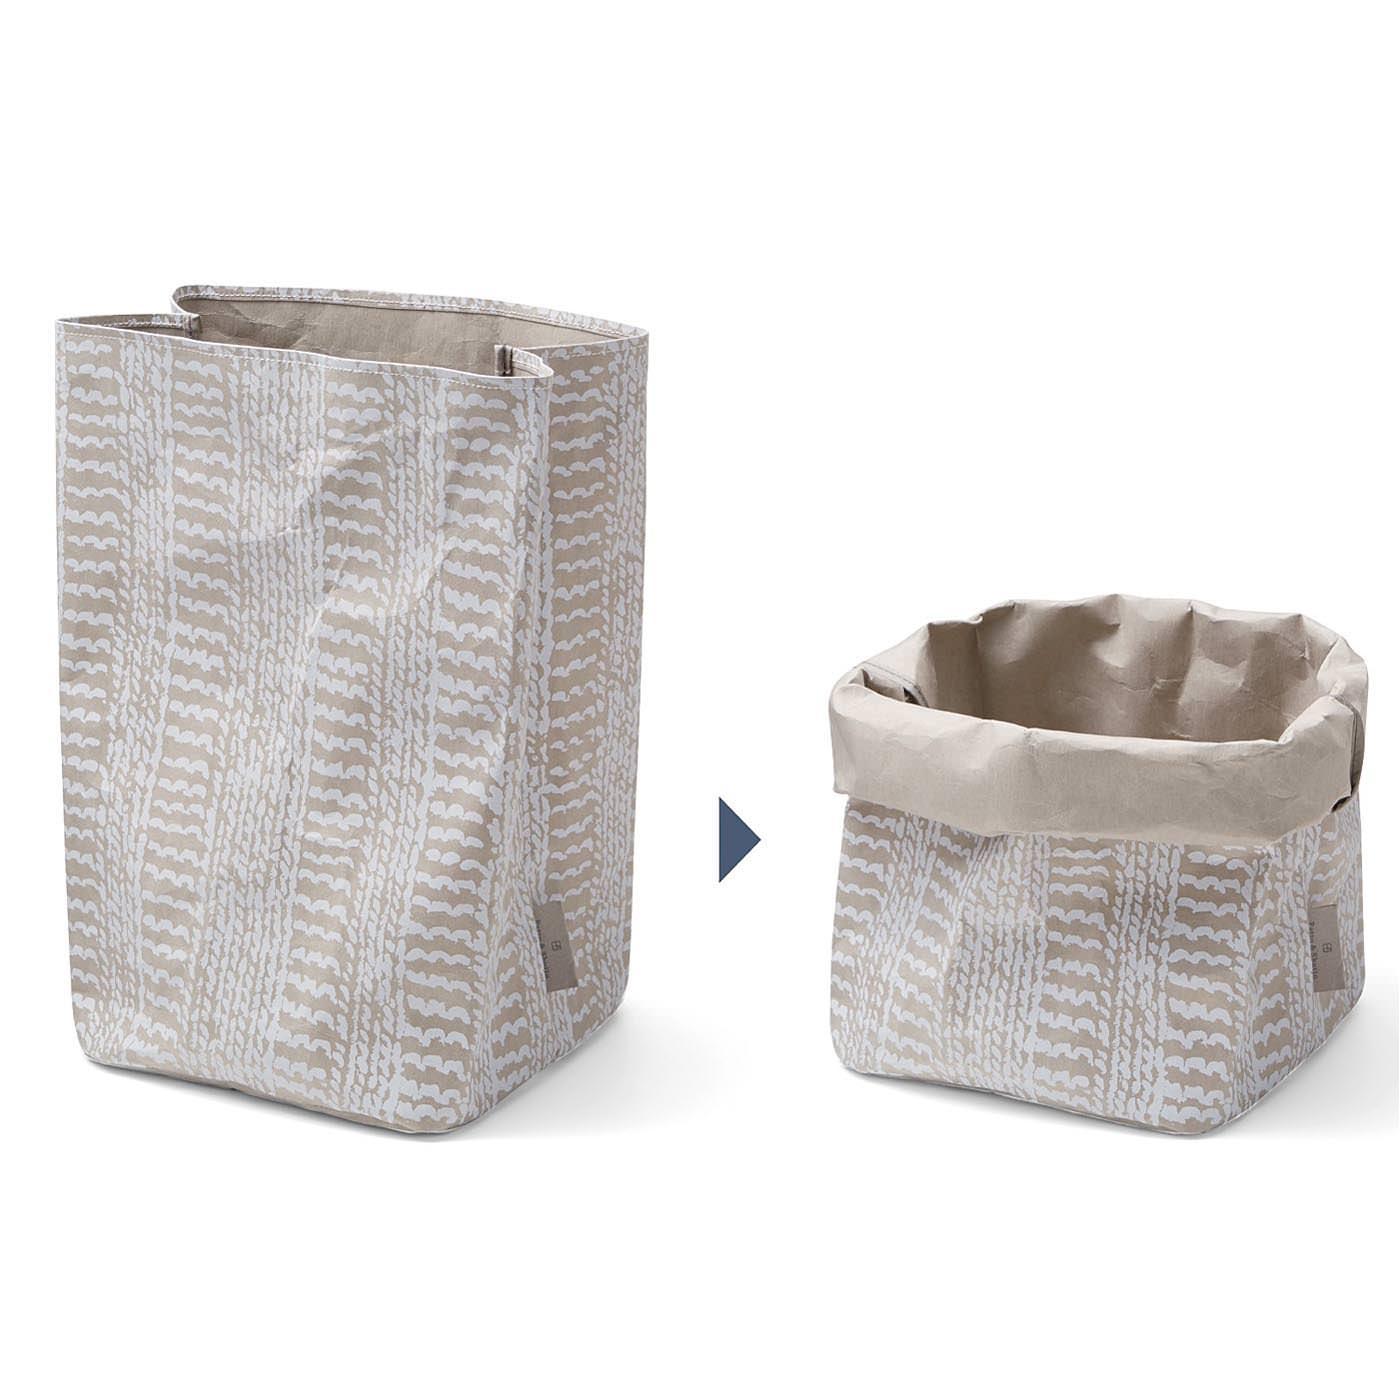 紙でできているから、このように筒口をくしゅくしゅっと折り曲げてサイズ変更も可能。折り曲げると内側の色が上部に出てきて、網目模様とのコントラストがいい感じです。 ※写真は同シリーズの〈大〉です。